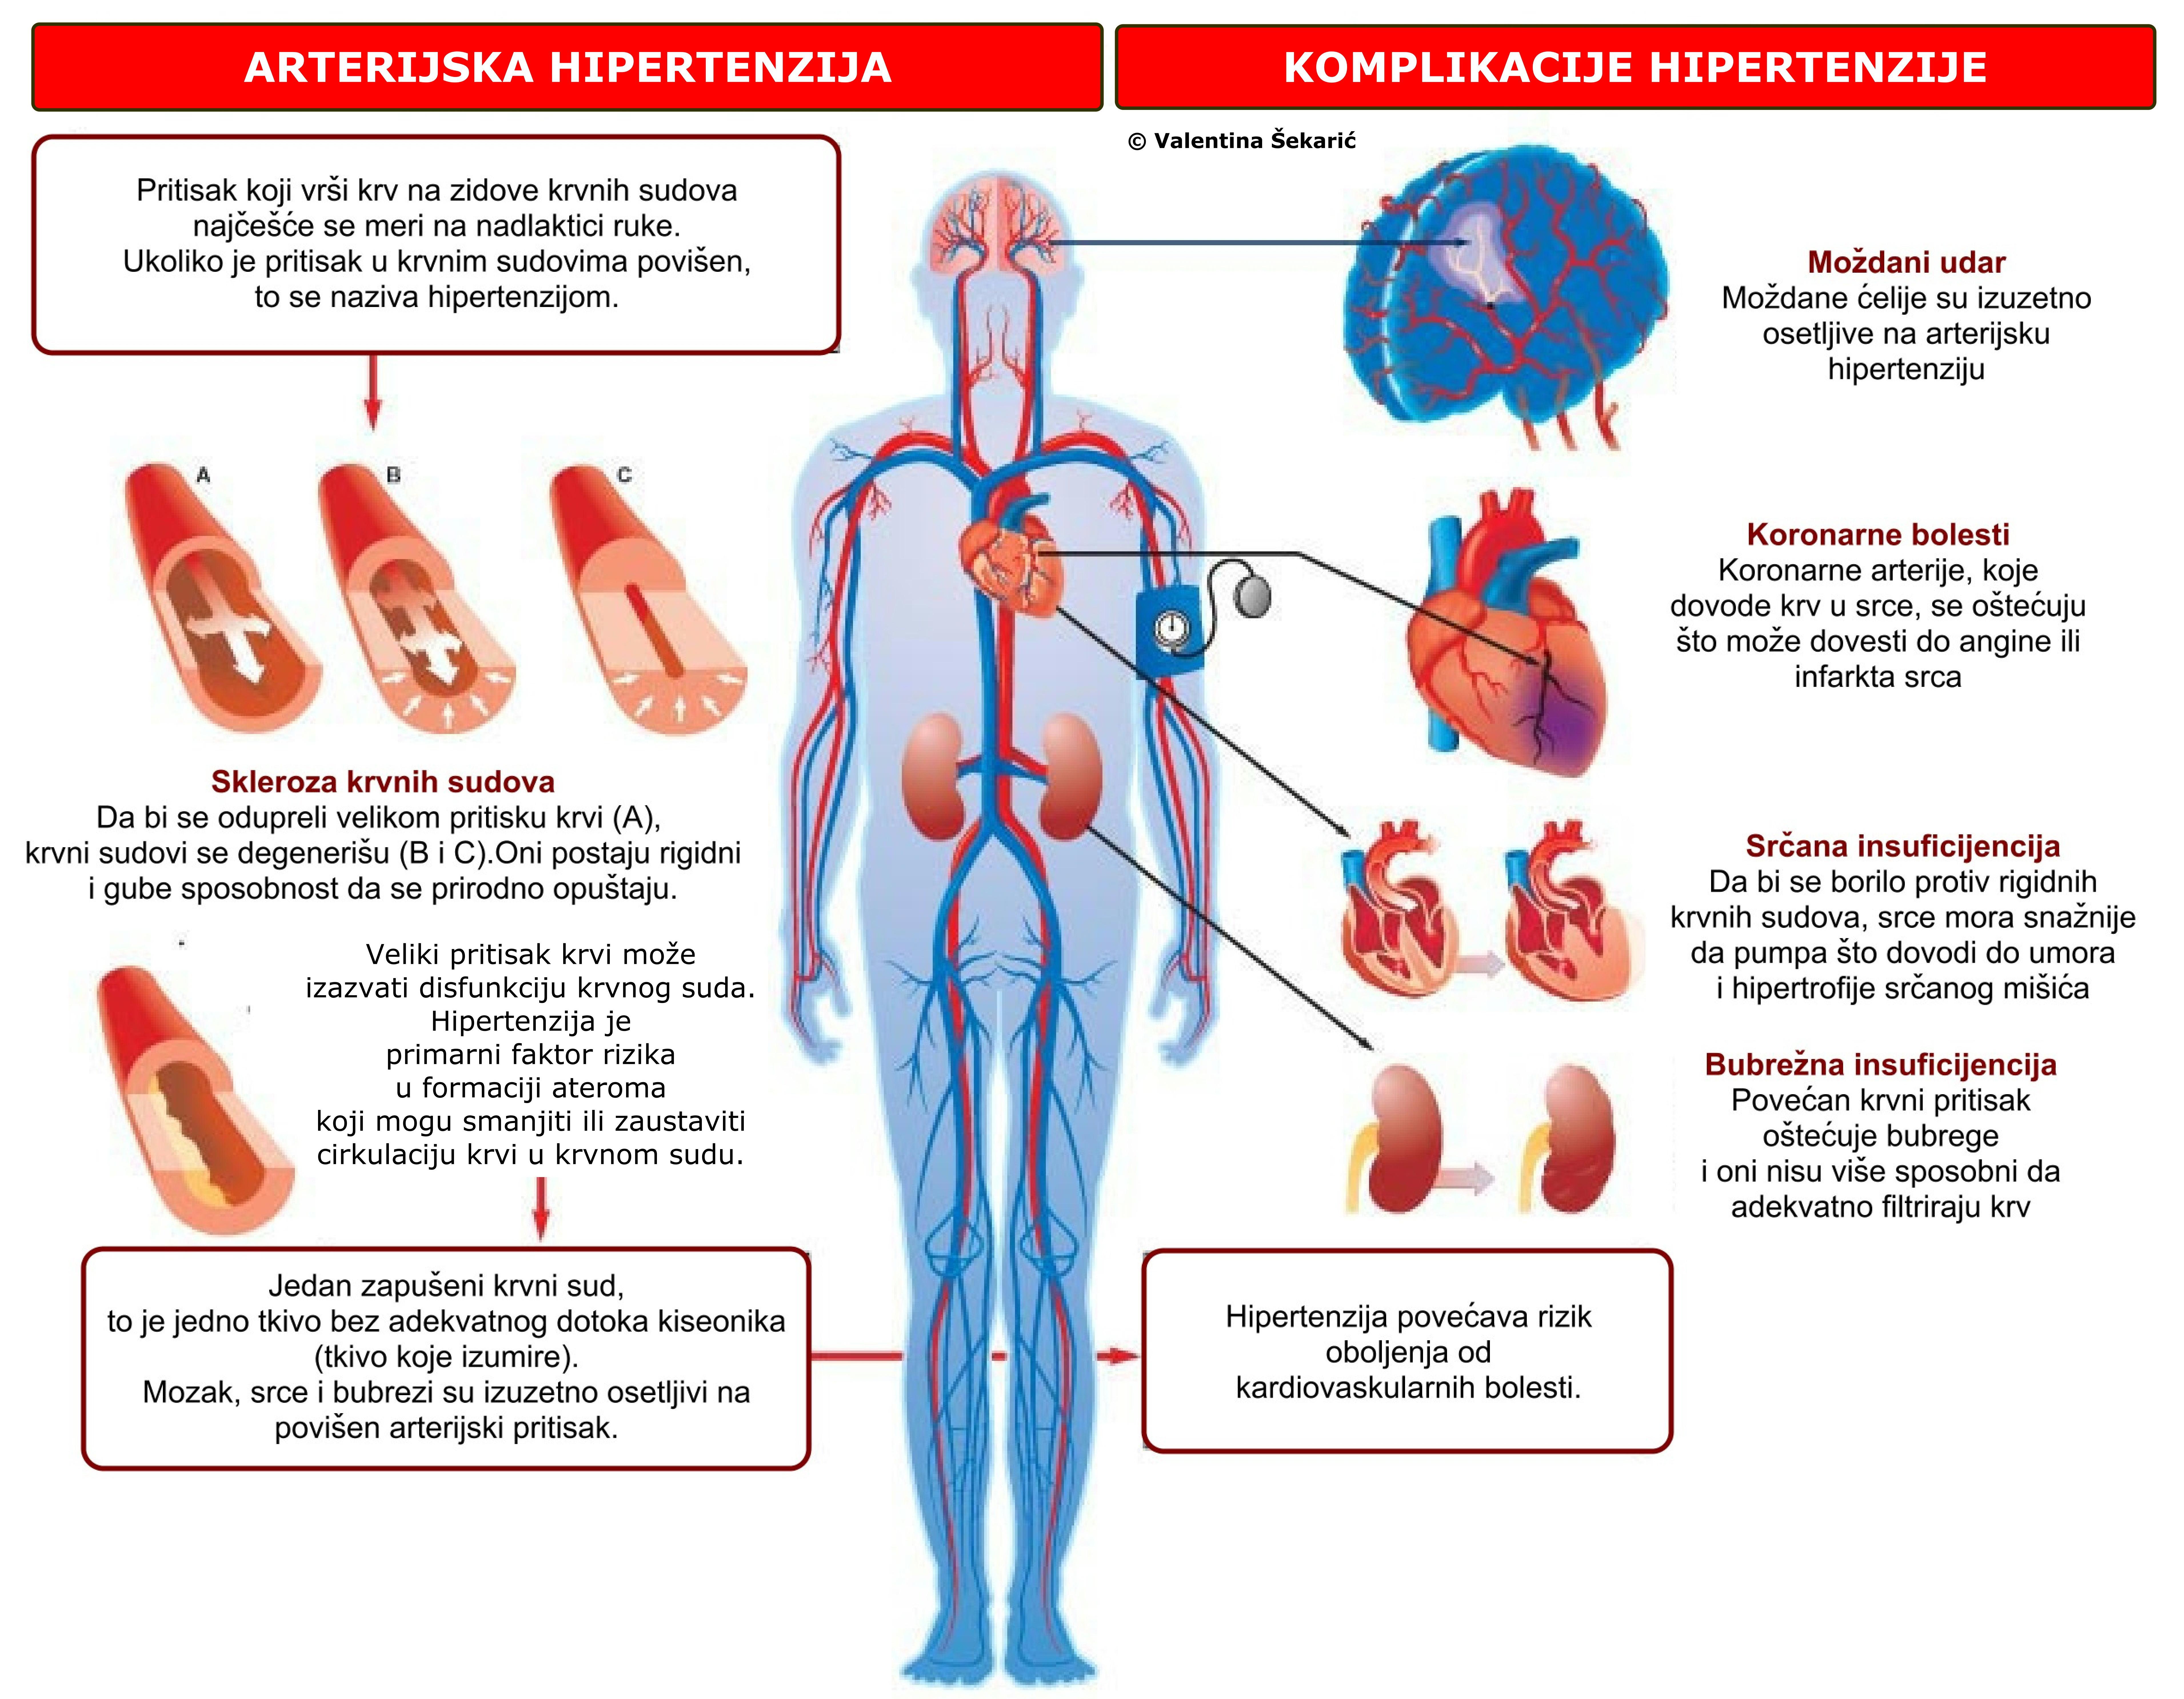 hipertenzija ne može ostvariti)